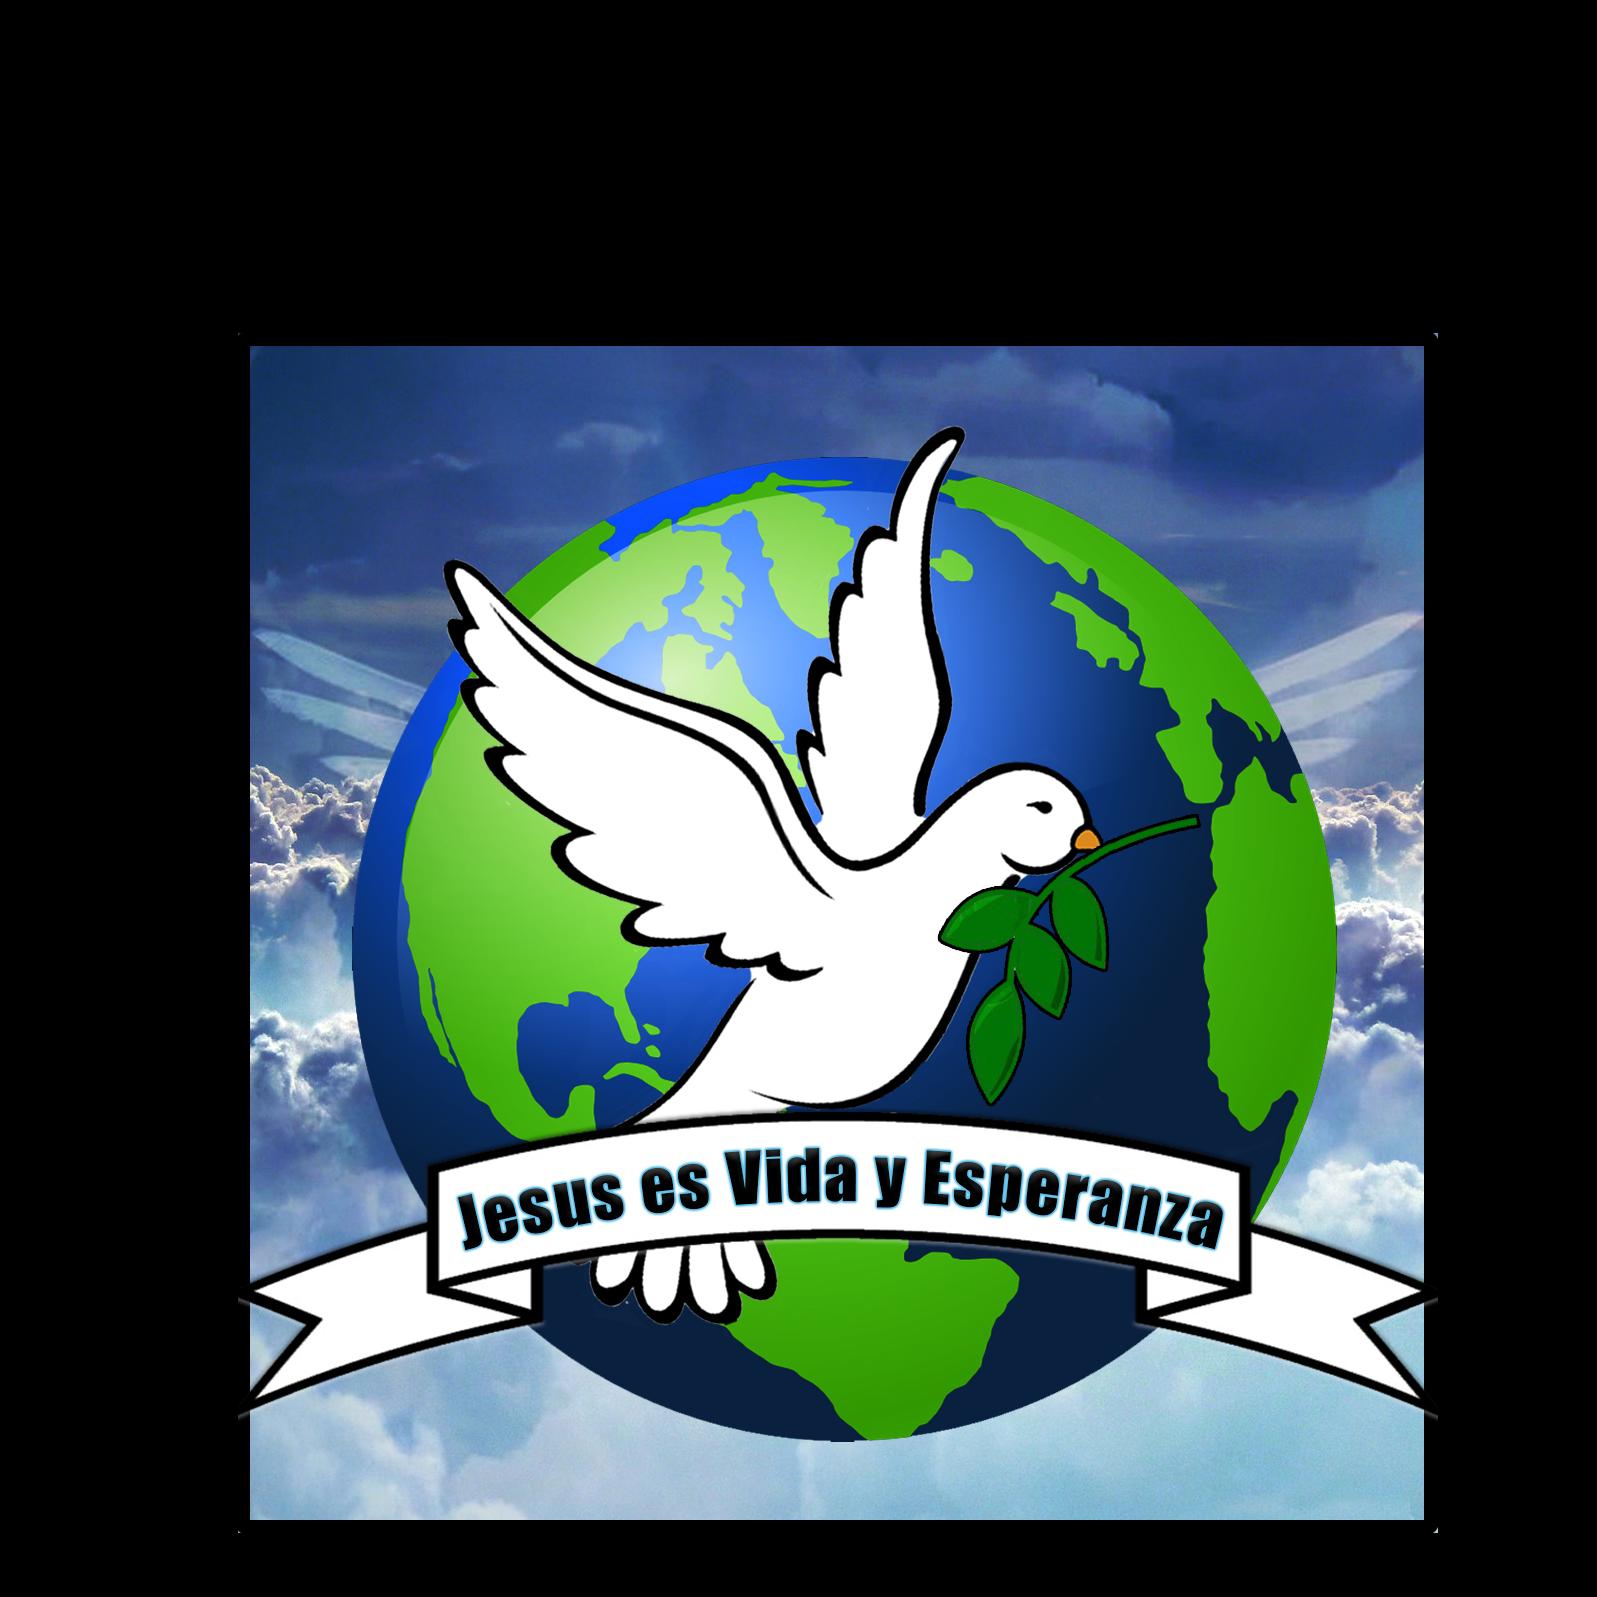 jesus es vida y esperanza